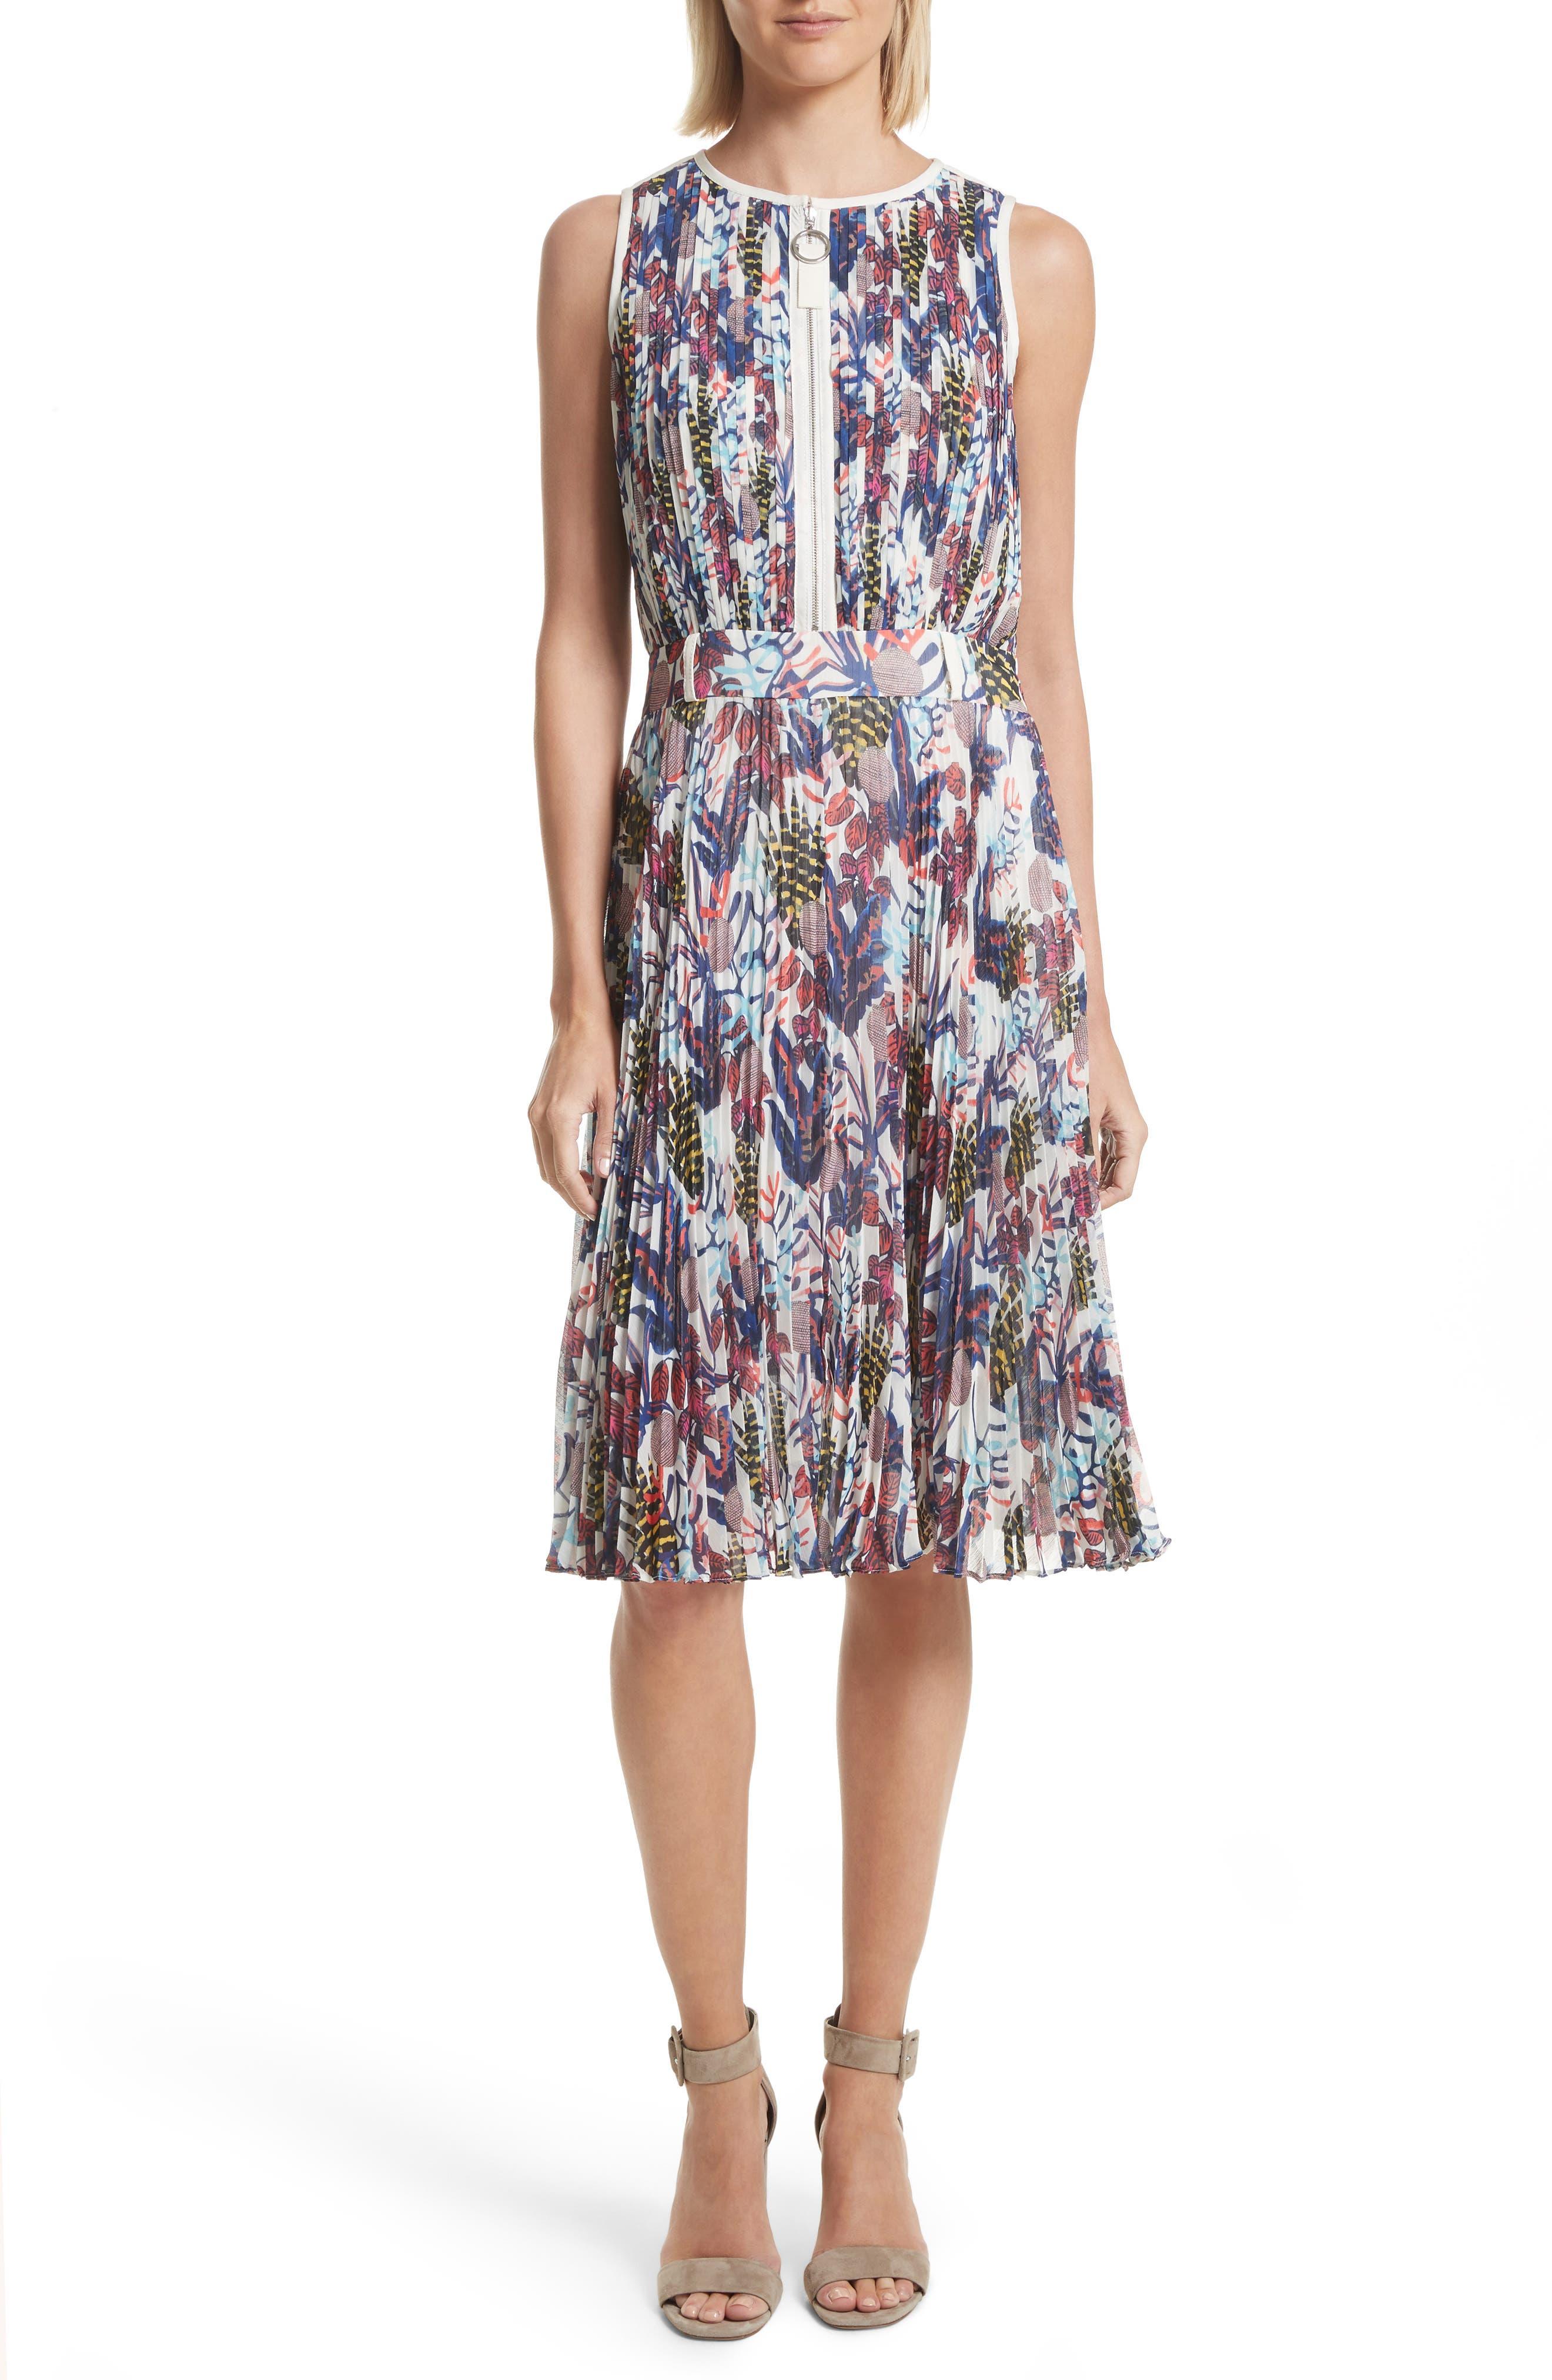 Alternate Image 1 Selected - GREY Jason Wu Print Pleated Chiffon Dress